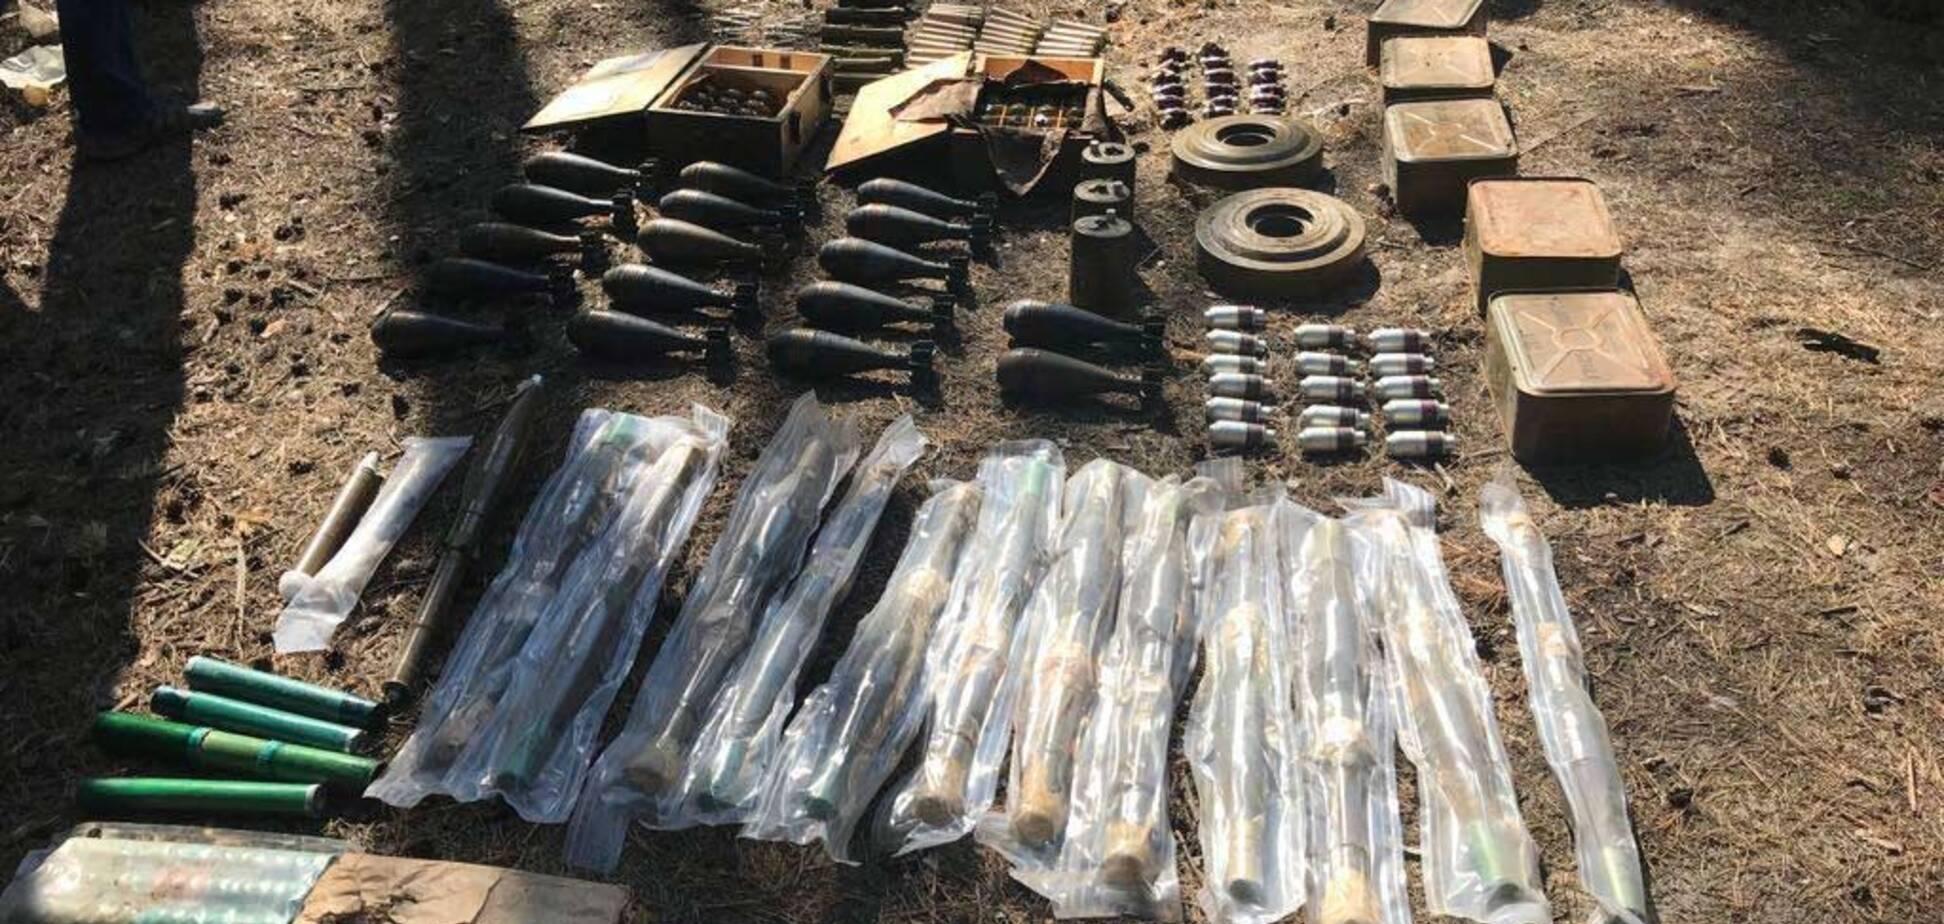 Сотні гранат, міни та патрони: під Дніпром виявили таємний арсенал з Донбасу